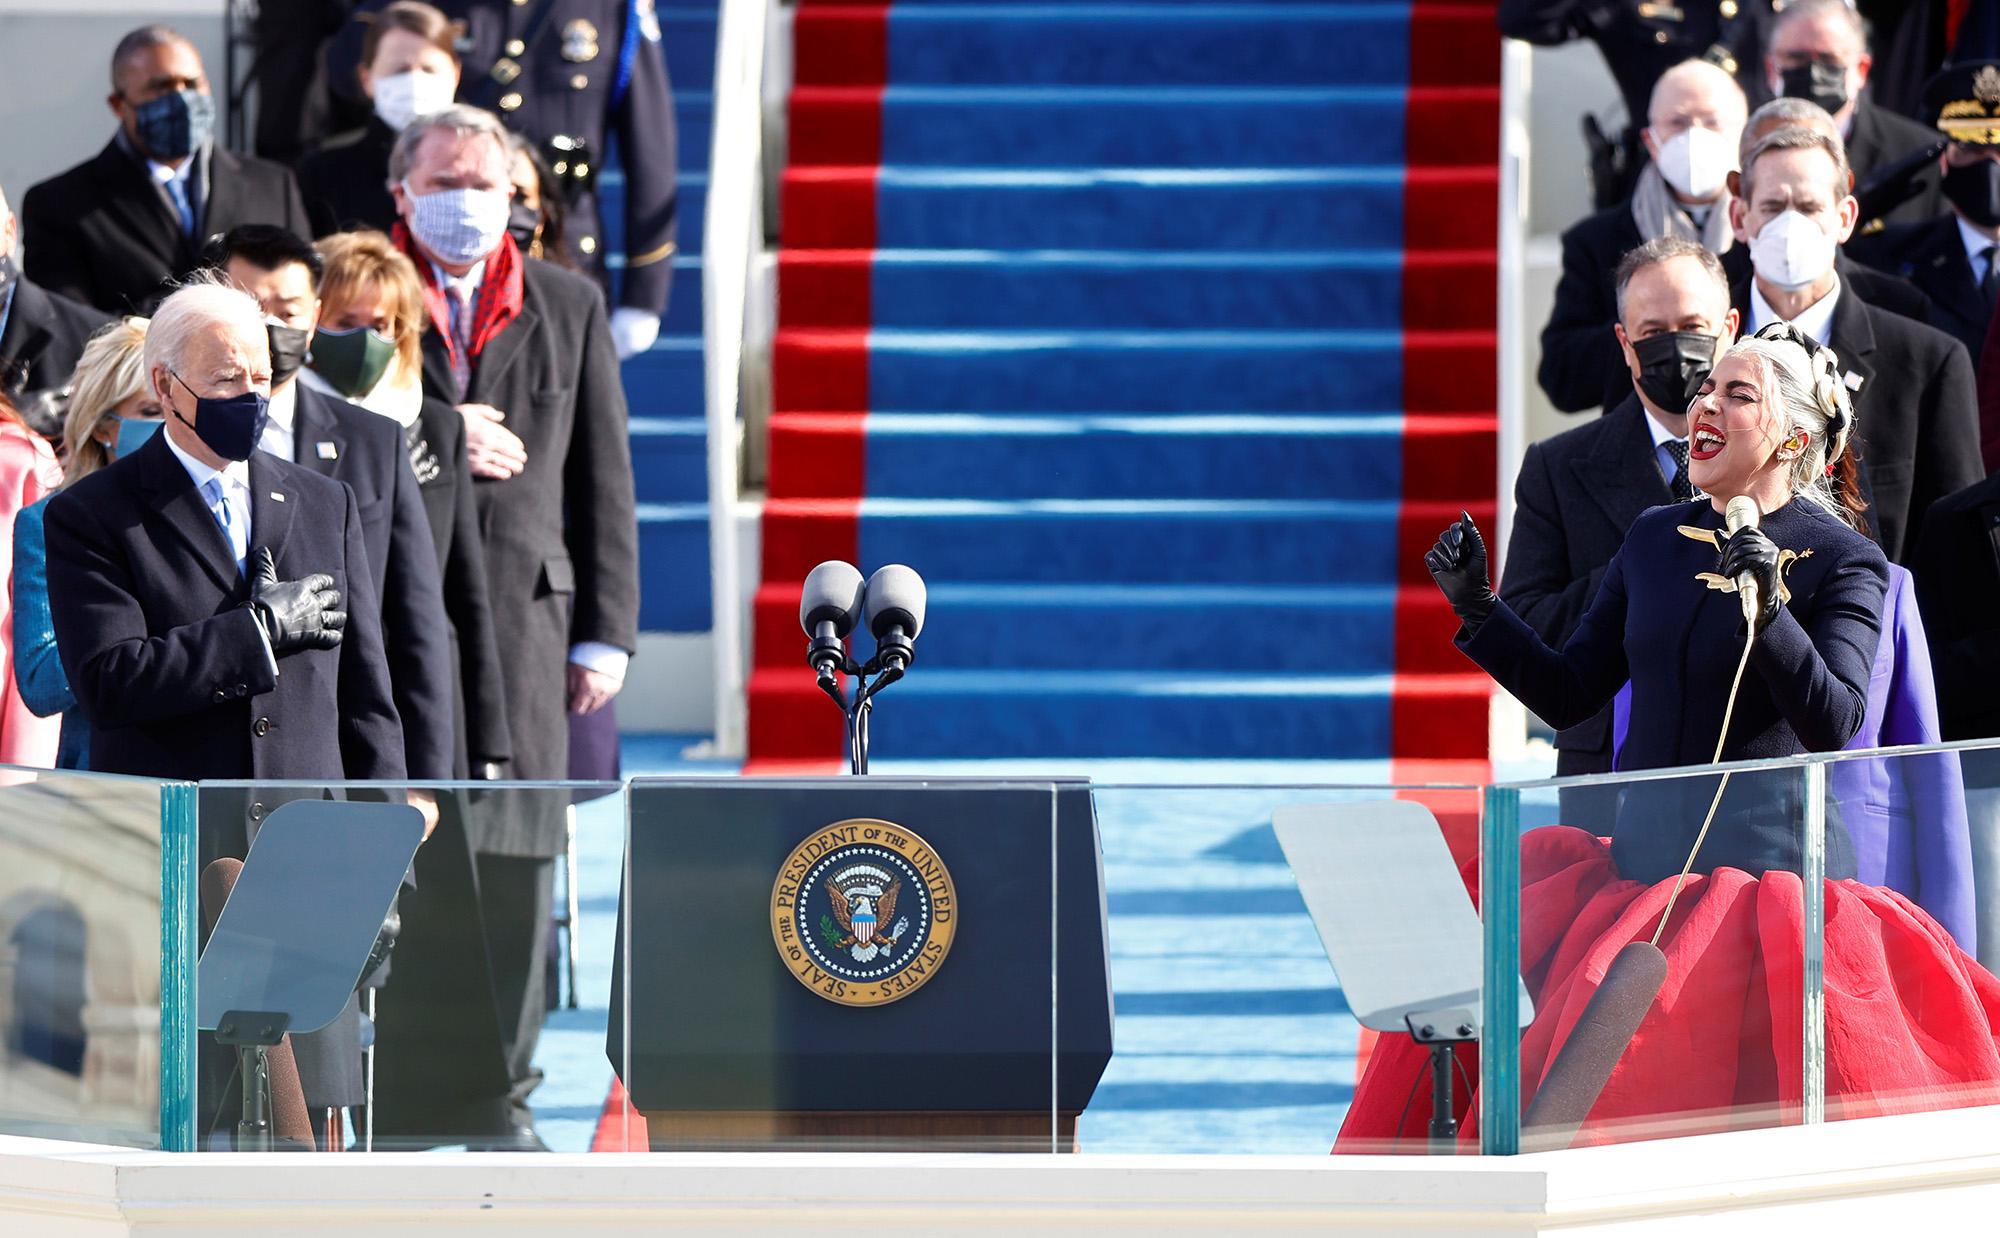 Леди Гага исполняет Государственный гимн во время инаугурации Джо Байдена, 46-го президента США, вВашингтоне, 20 января 2021 г.